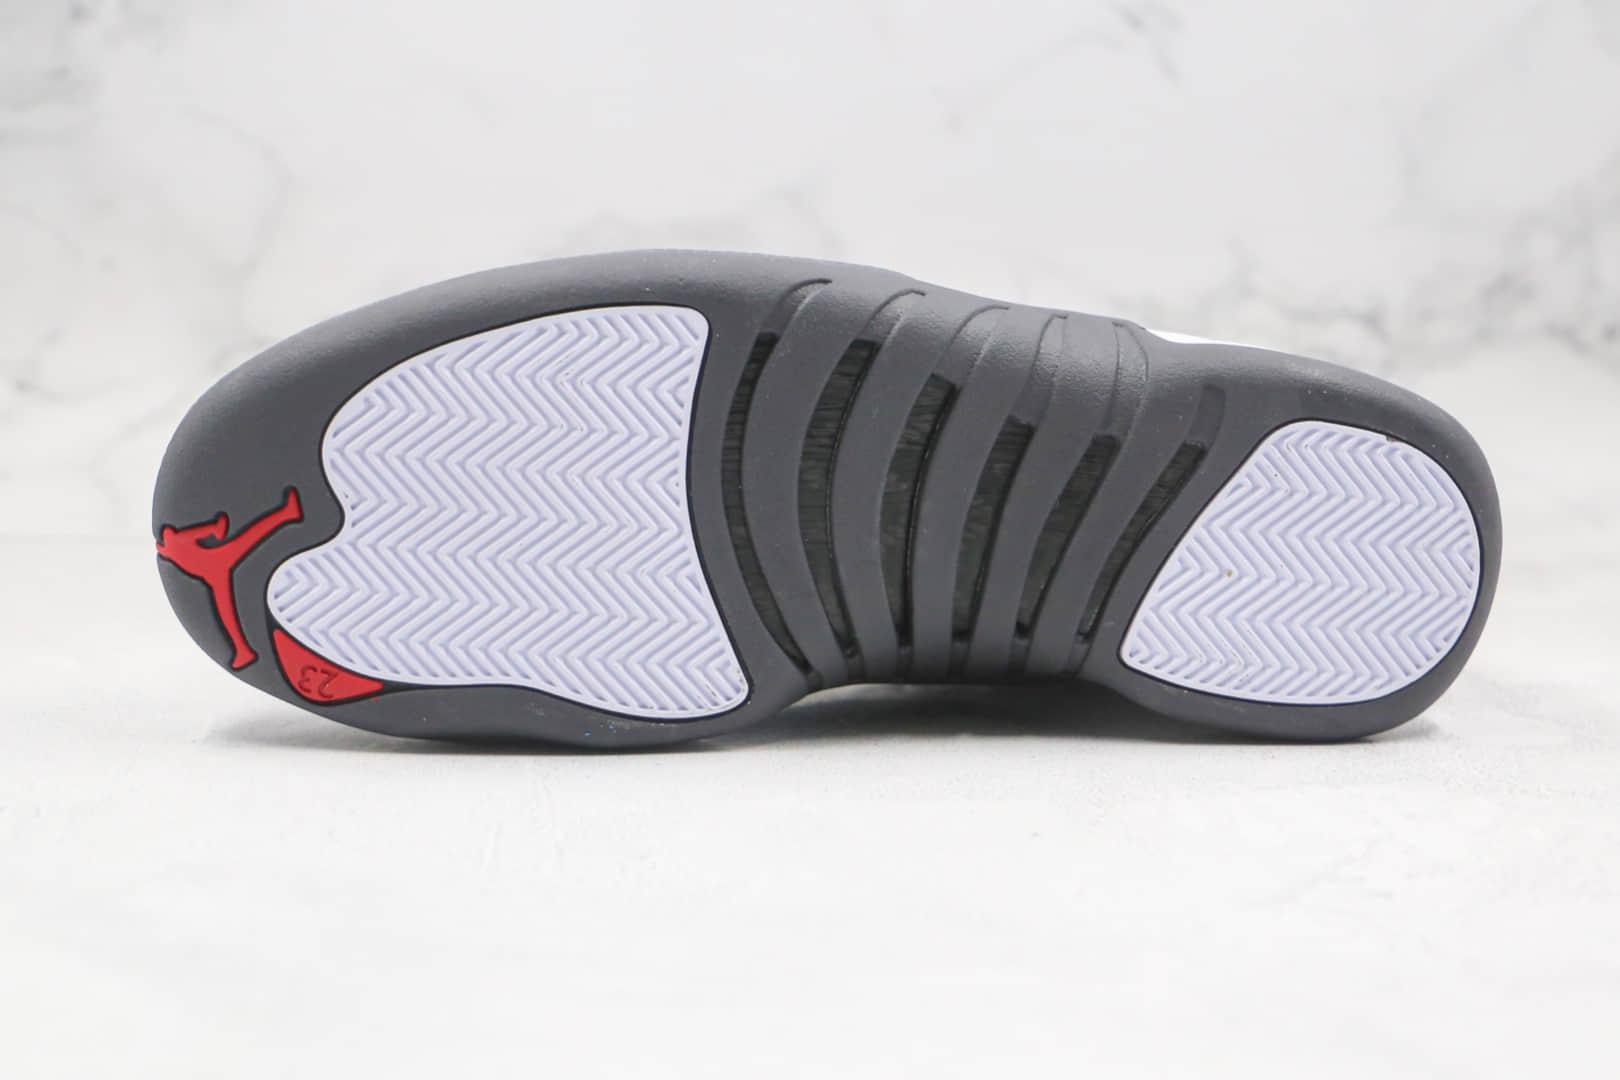 乔丹Air Jordan 12 Dark Grey纯原版本高帮AJ12白灰色篮球鞋内置碳板气垫支持实战 货号:130690-160